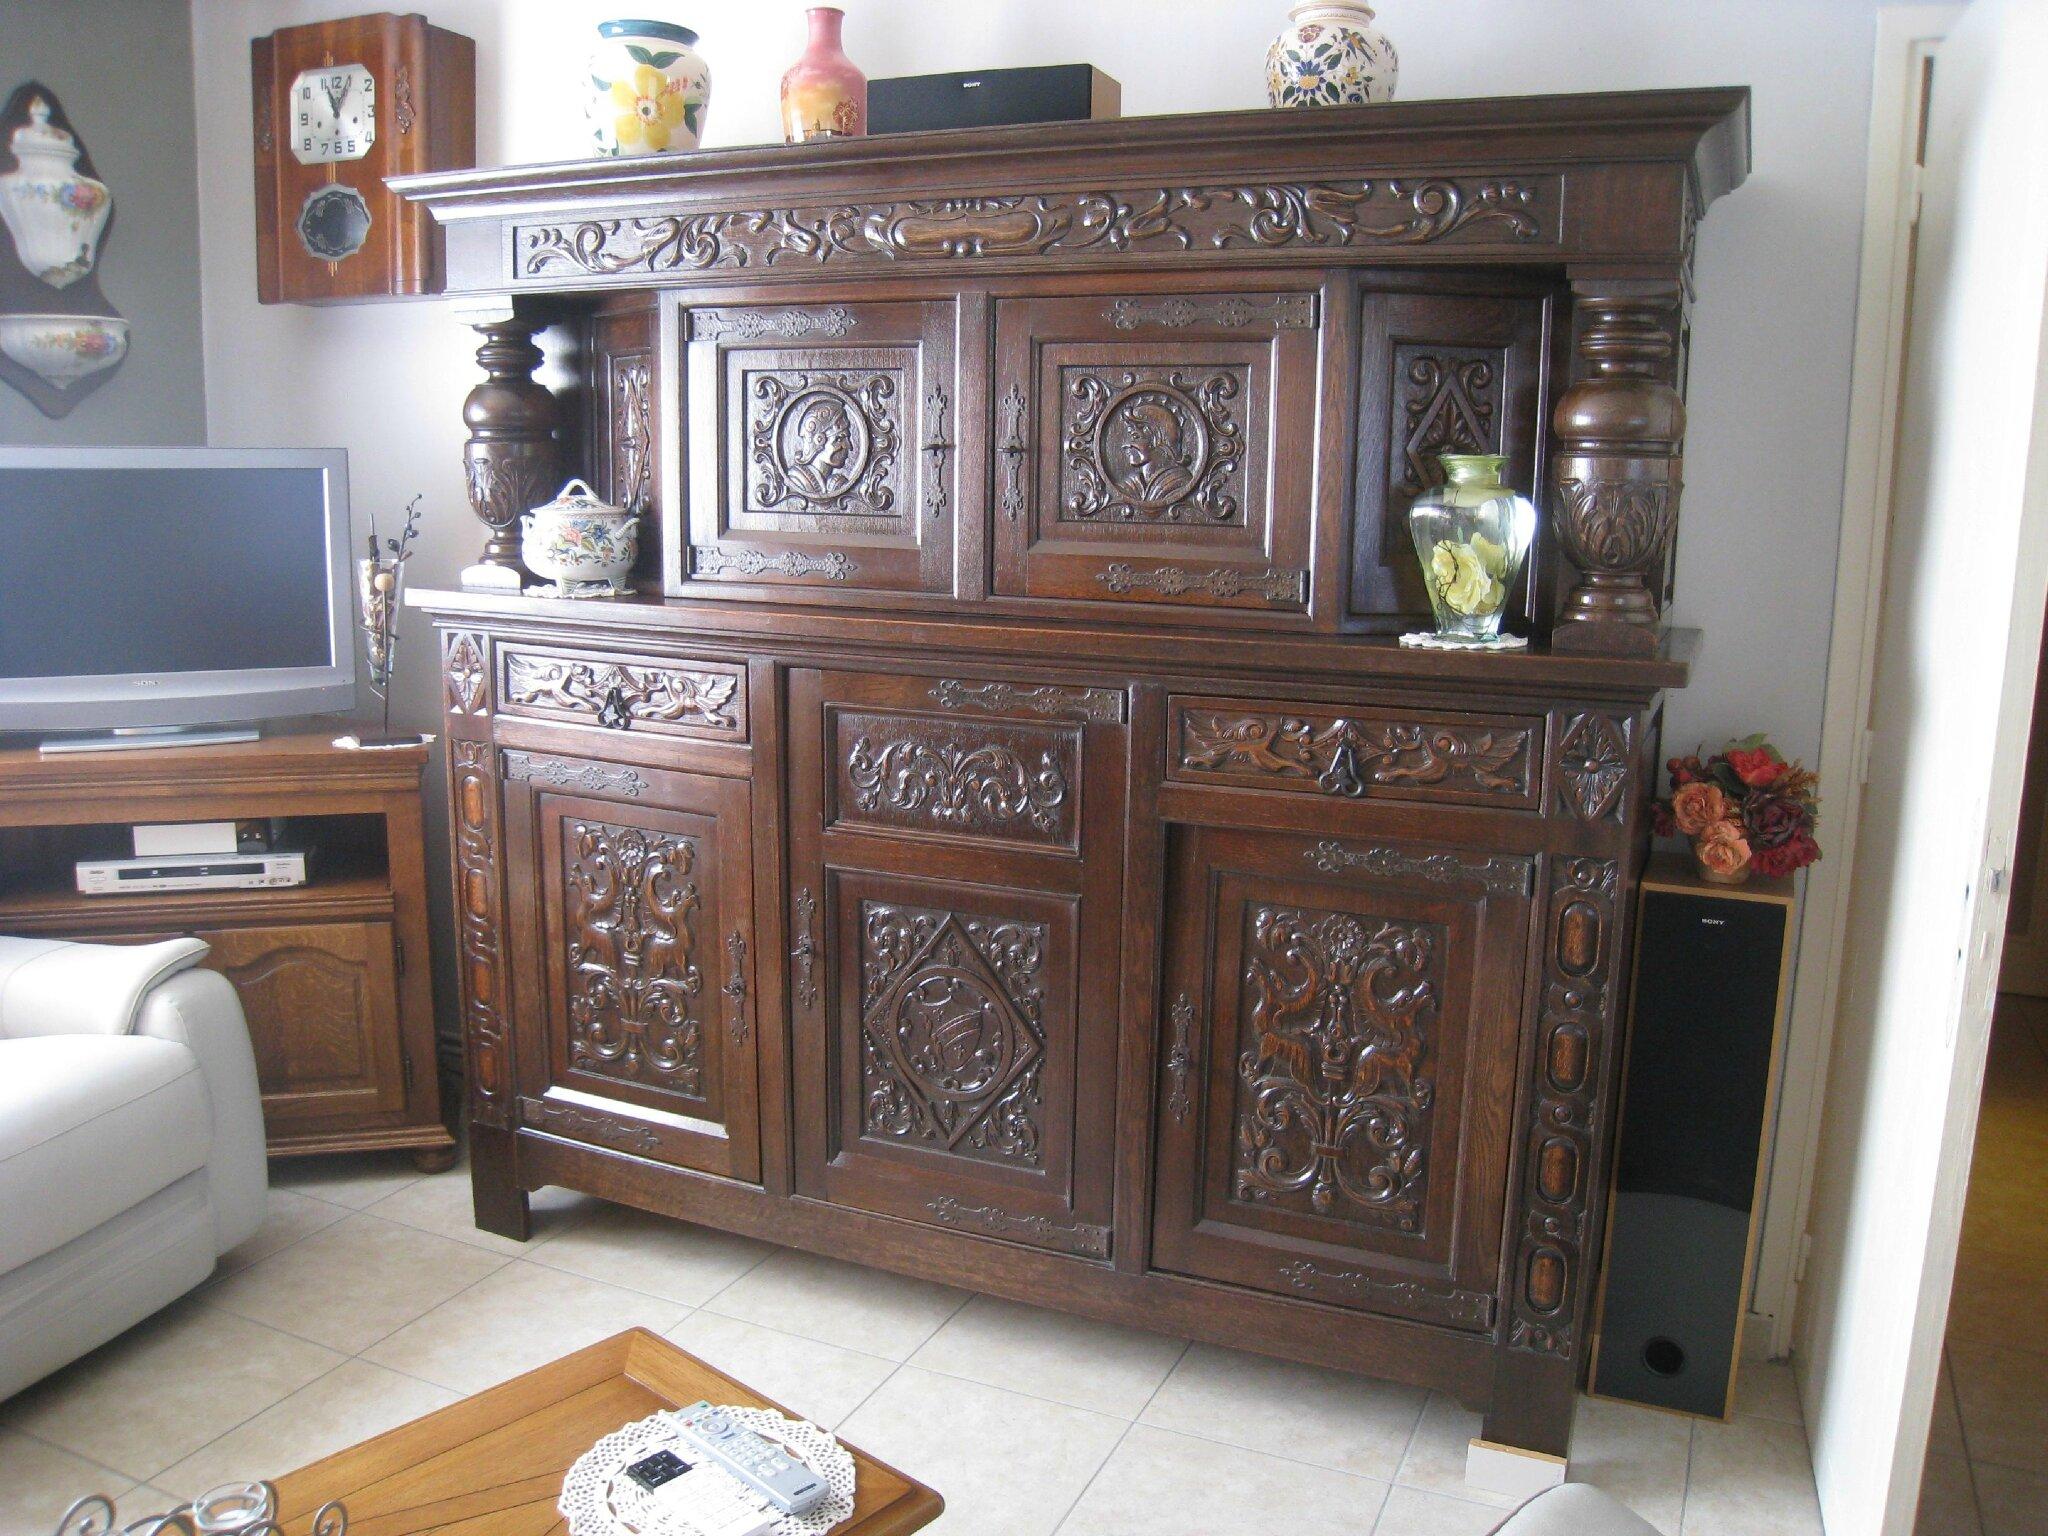 Img 2061 photo de une salle manger relook e patines for Repeindre des meubles anciens